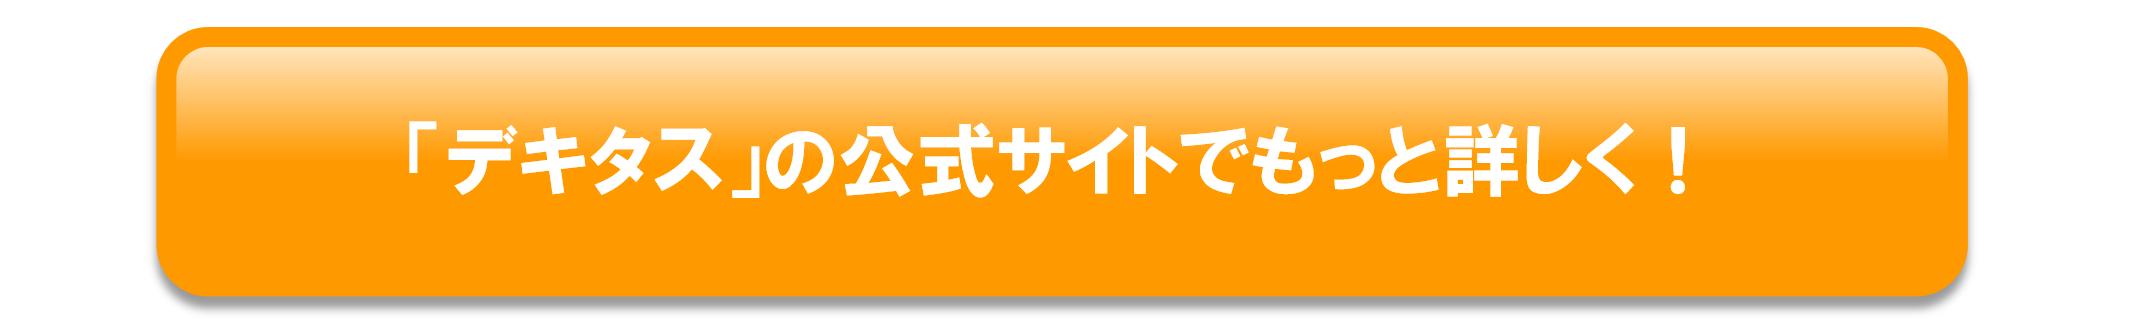 デキタス公式サイトへのリンクボタン